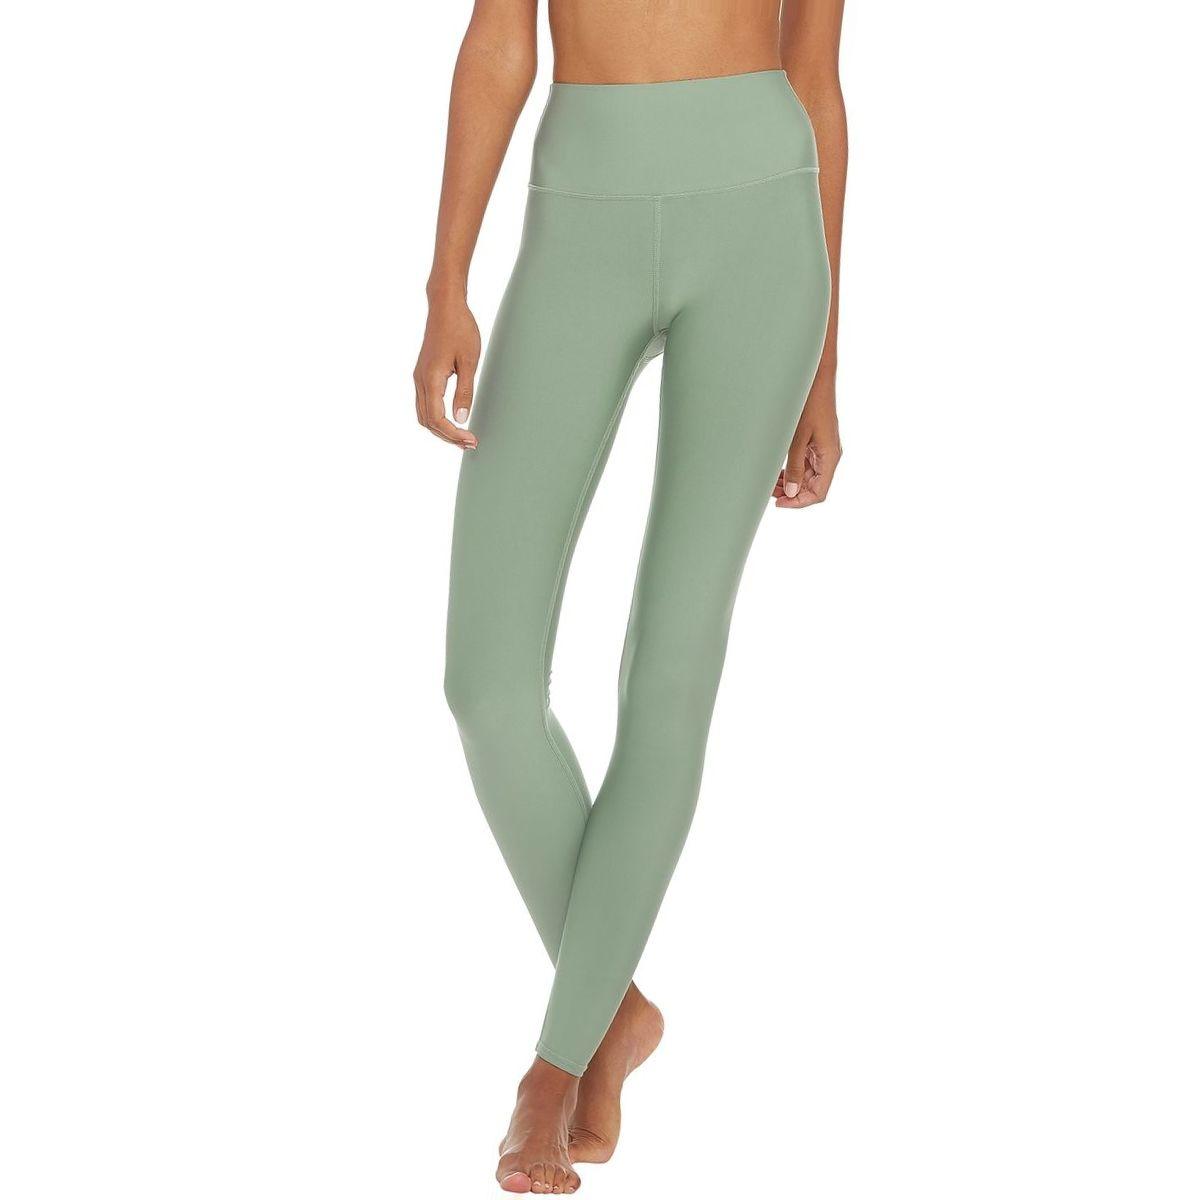 Alo Yoga High-Waist Airlift Legging - Women's